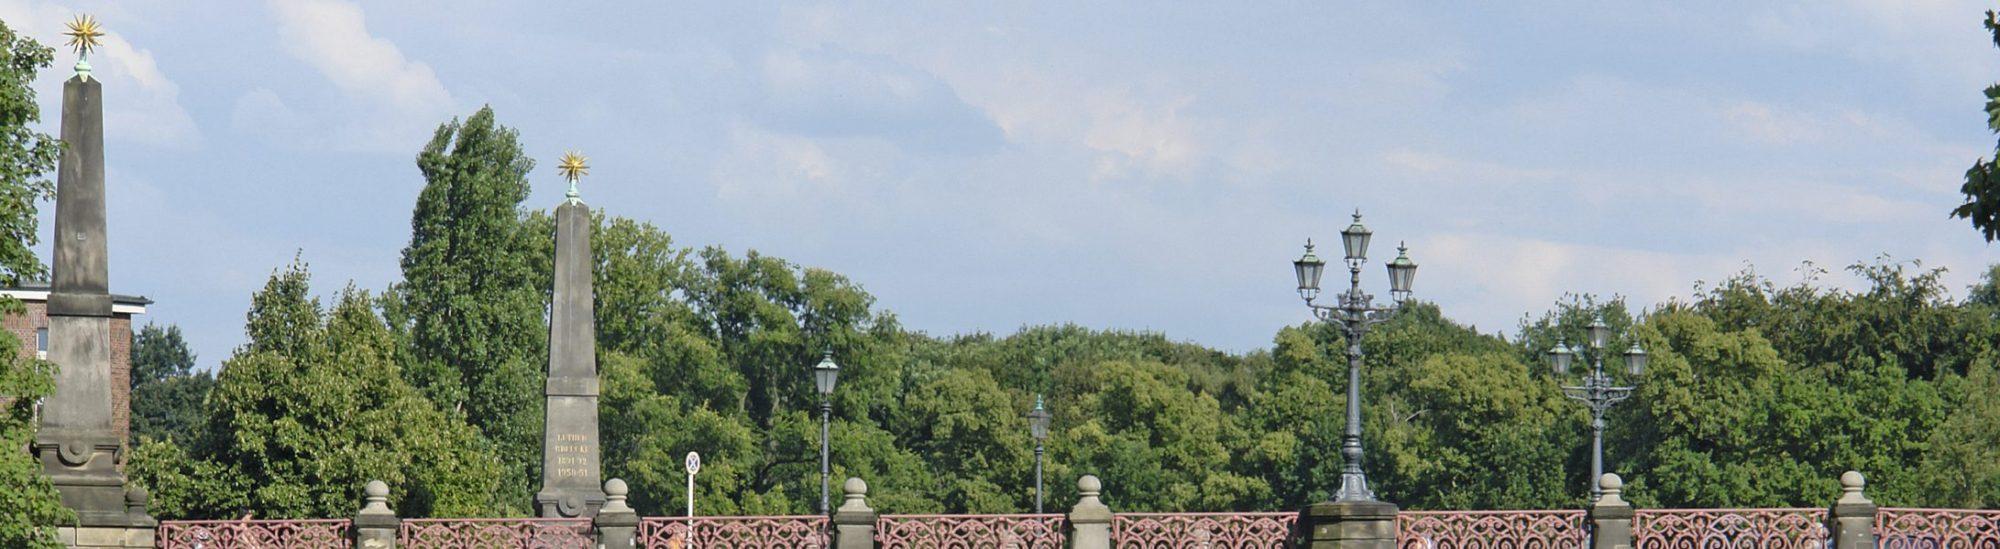 Lutherbrücke am Tiergarten